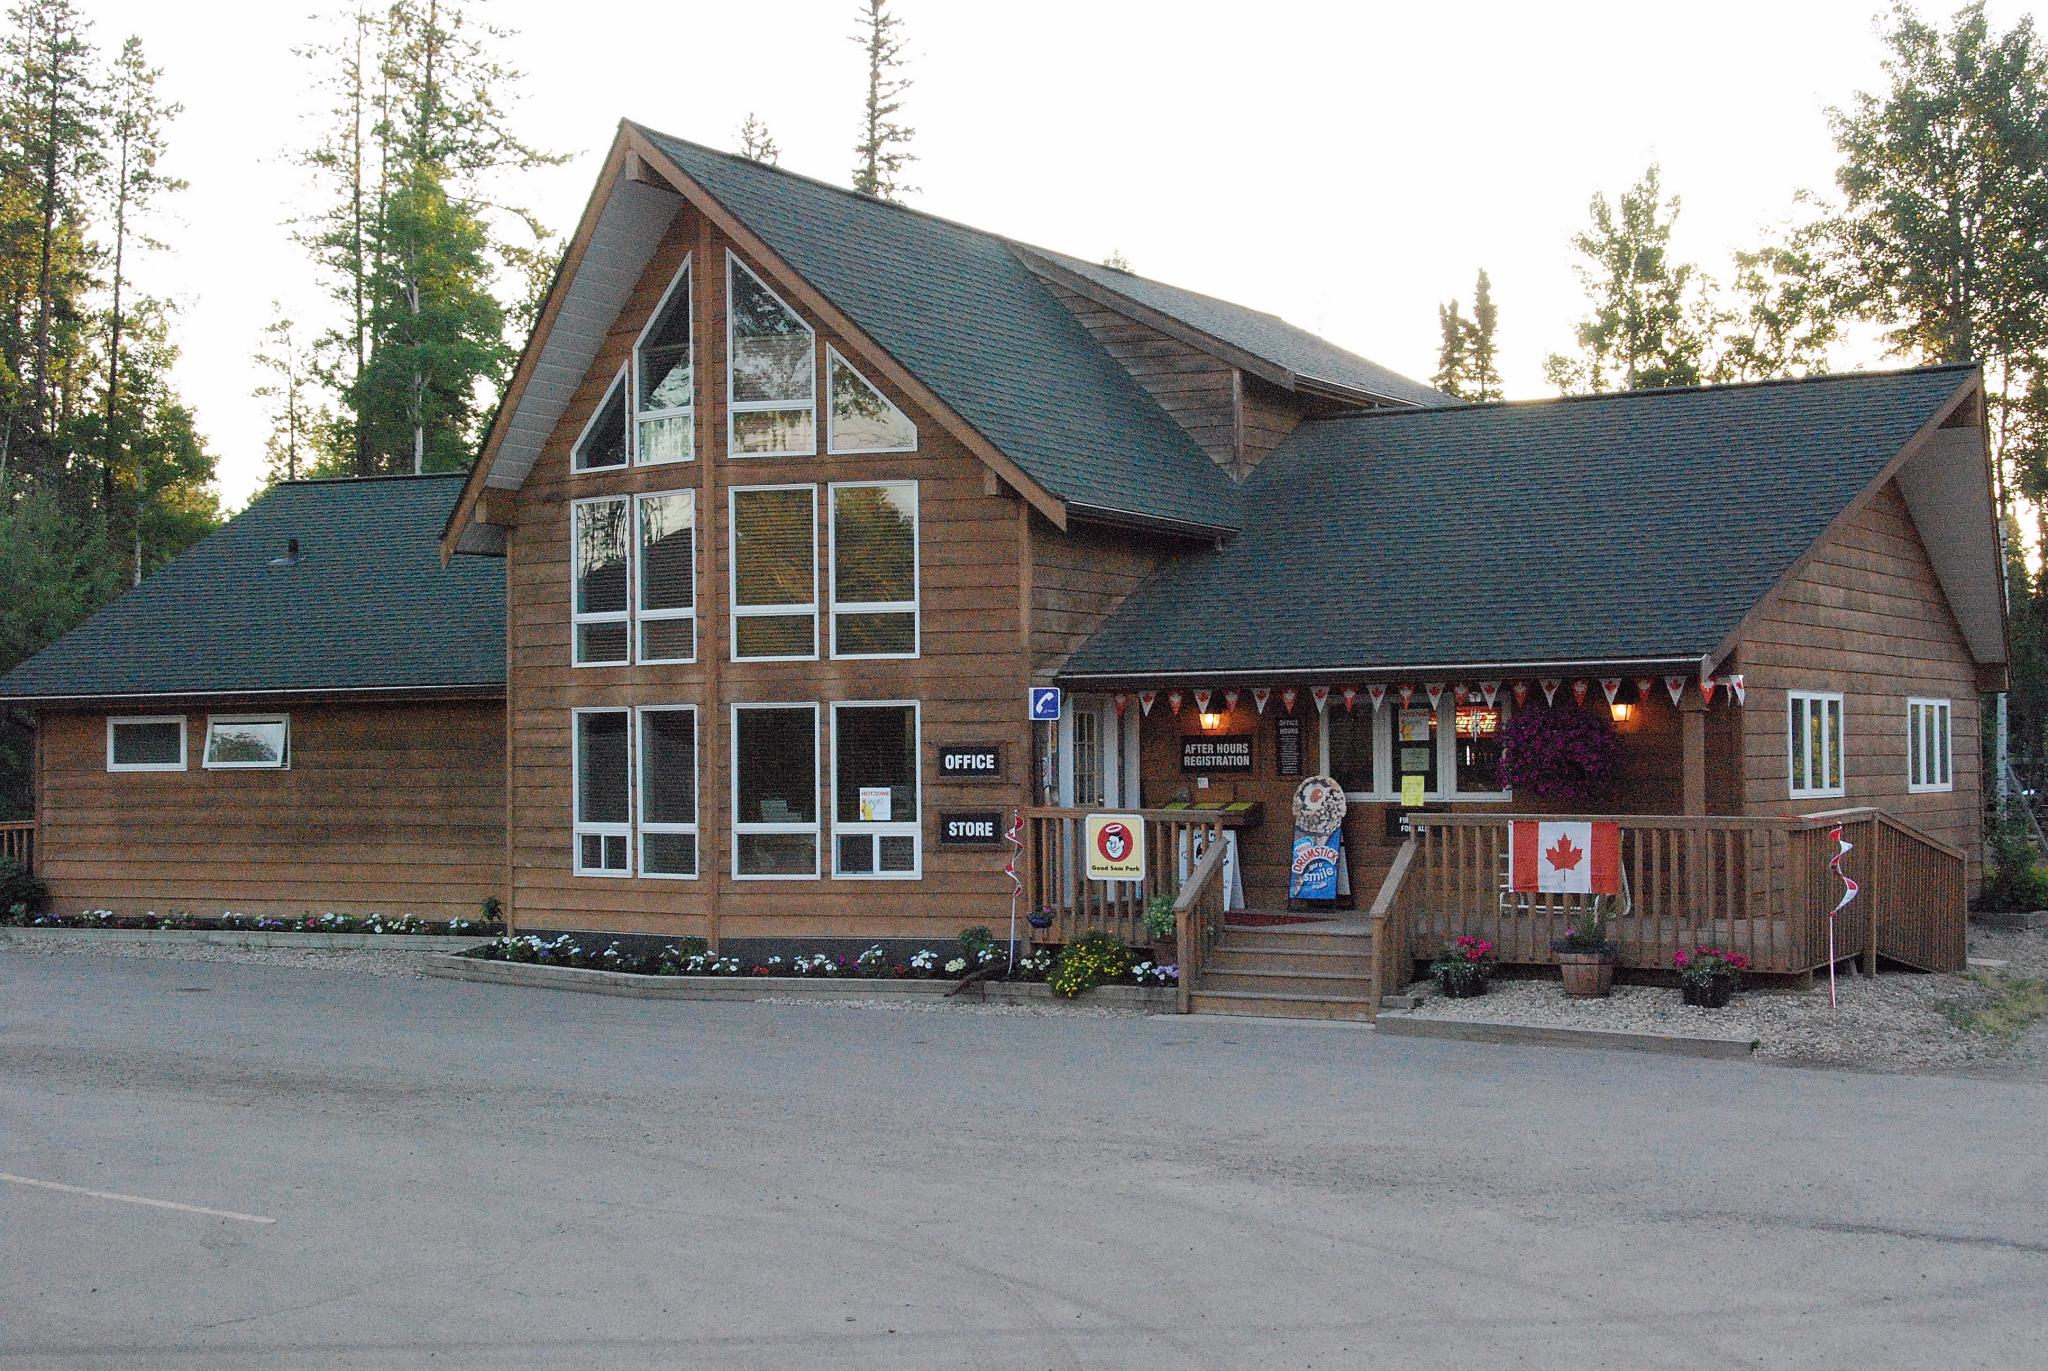 2008 JUNE JULY trip to AK Canada 2075